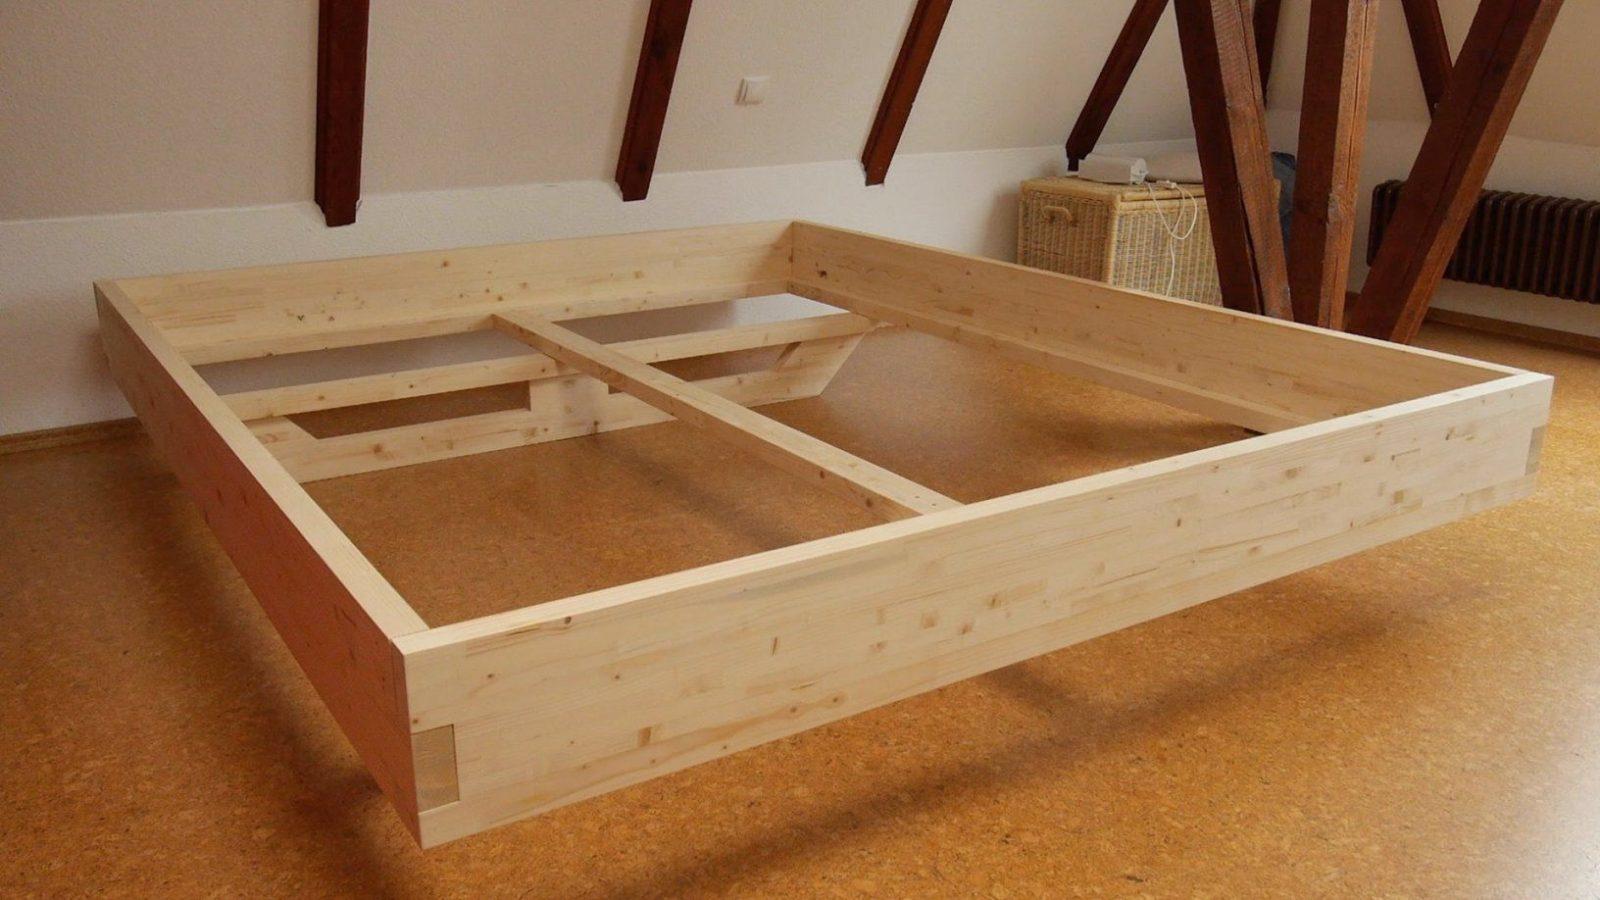 Diy Massivholzbett Selber Bauen  Youtube von Bett Selber Bauen Holz Bild